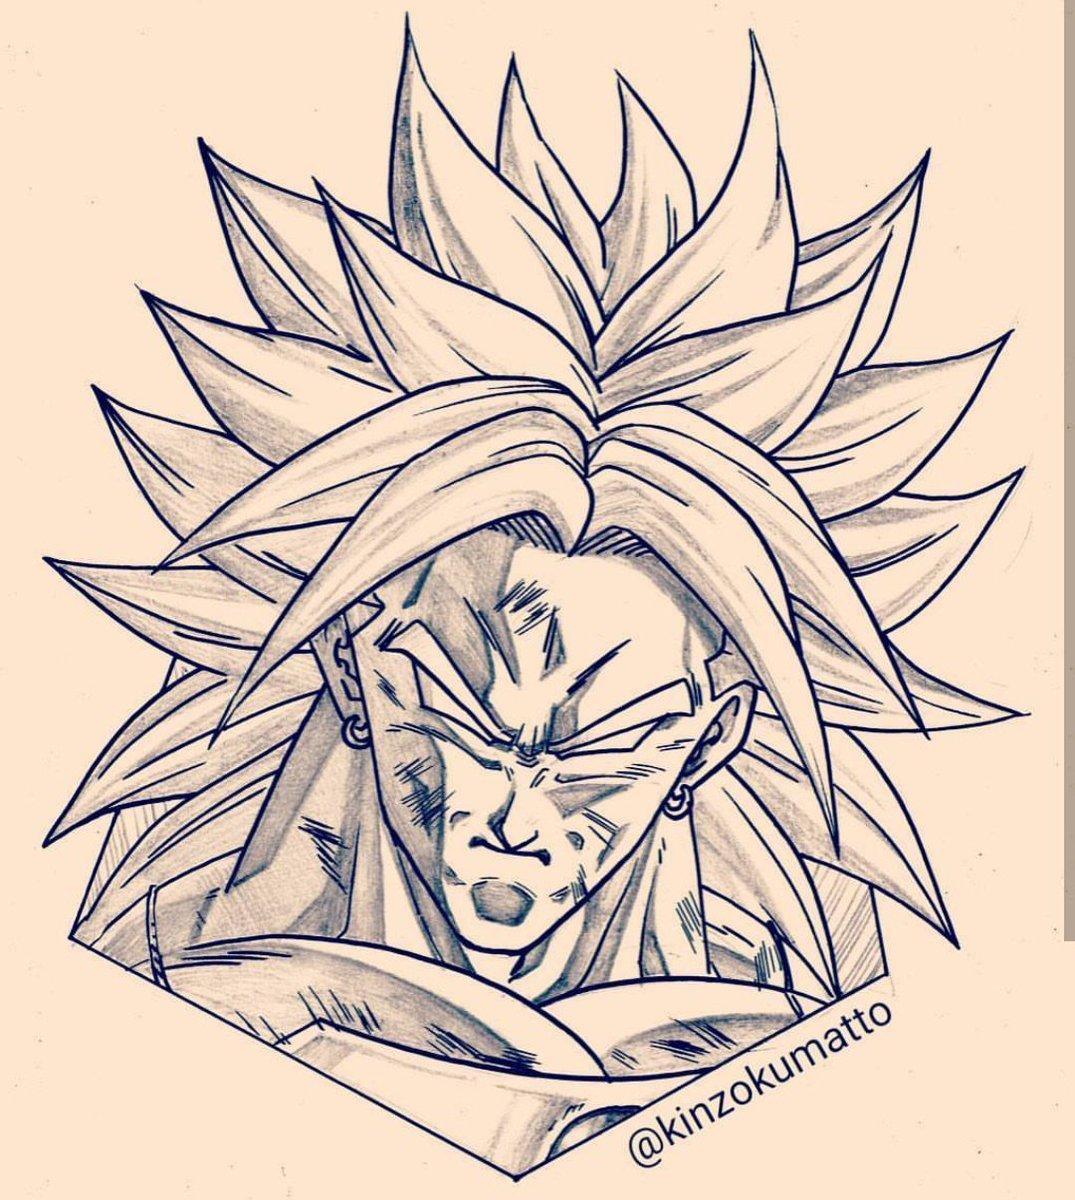 Kinzokumatto on twitter nouveau tarif pour les commissions le portrait de votre perso - Dessin de vegeta ...